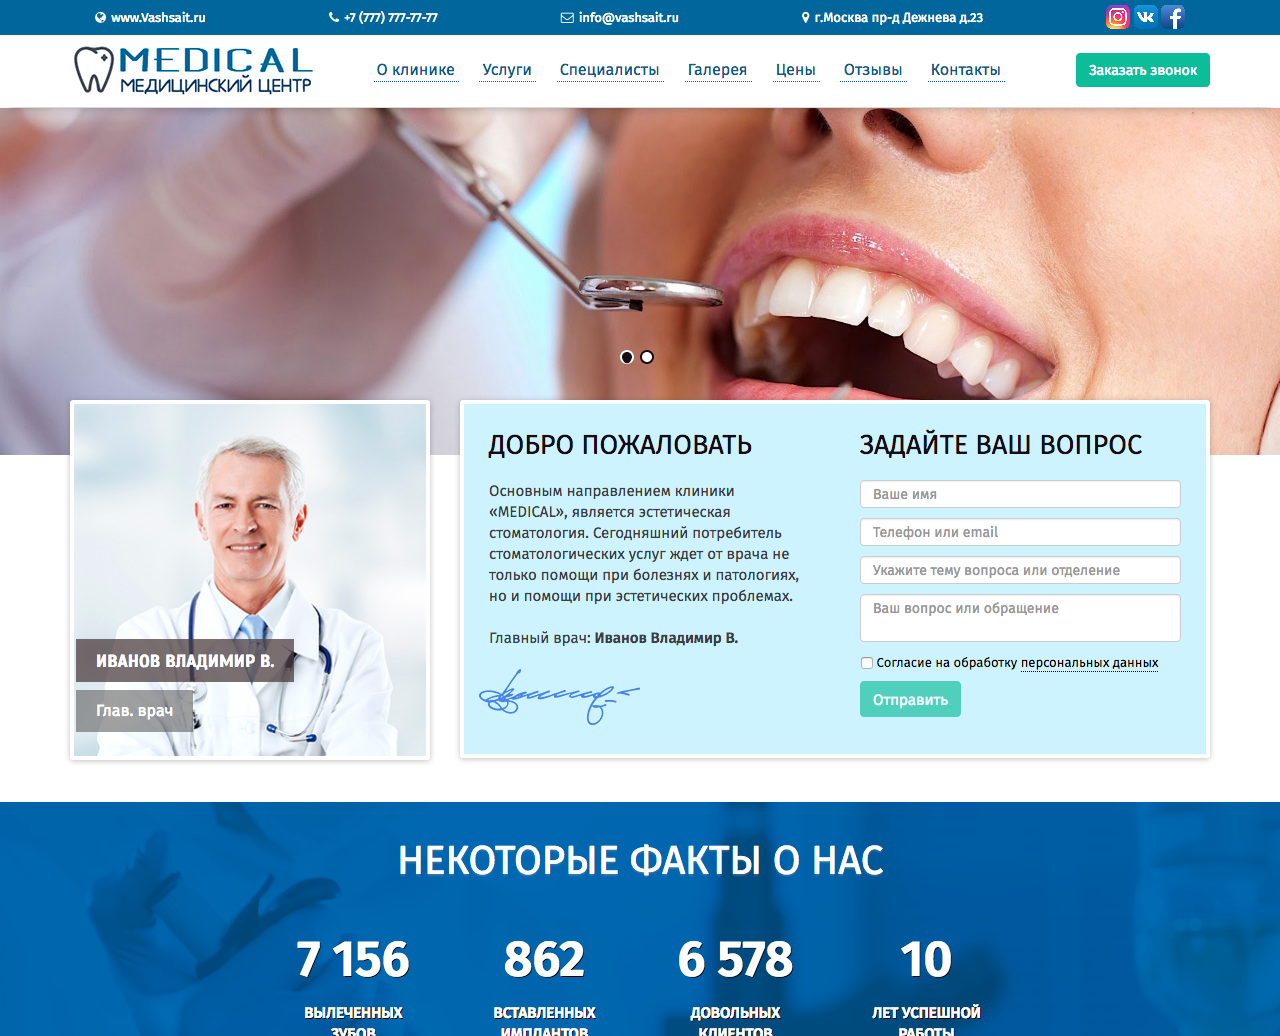 Сайт на продажу - Сайт медицинского цента. Сайт стоматологии.